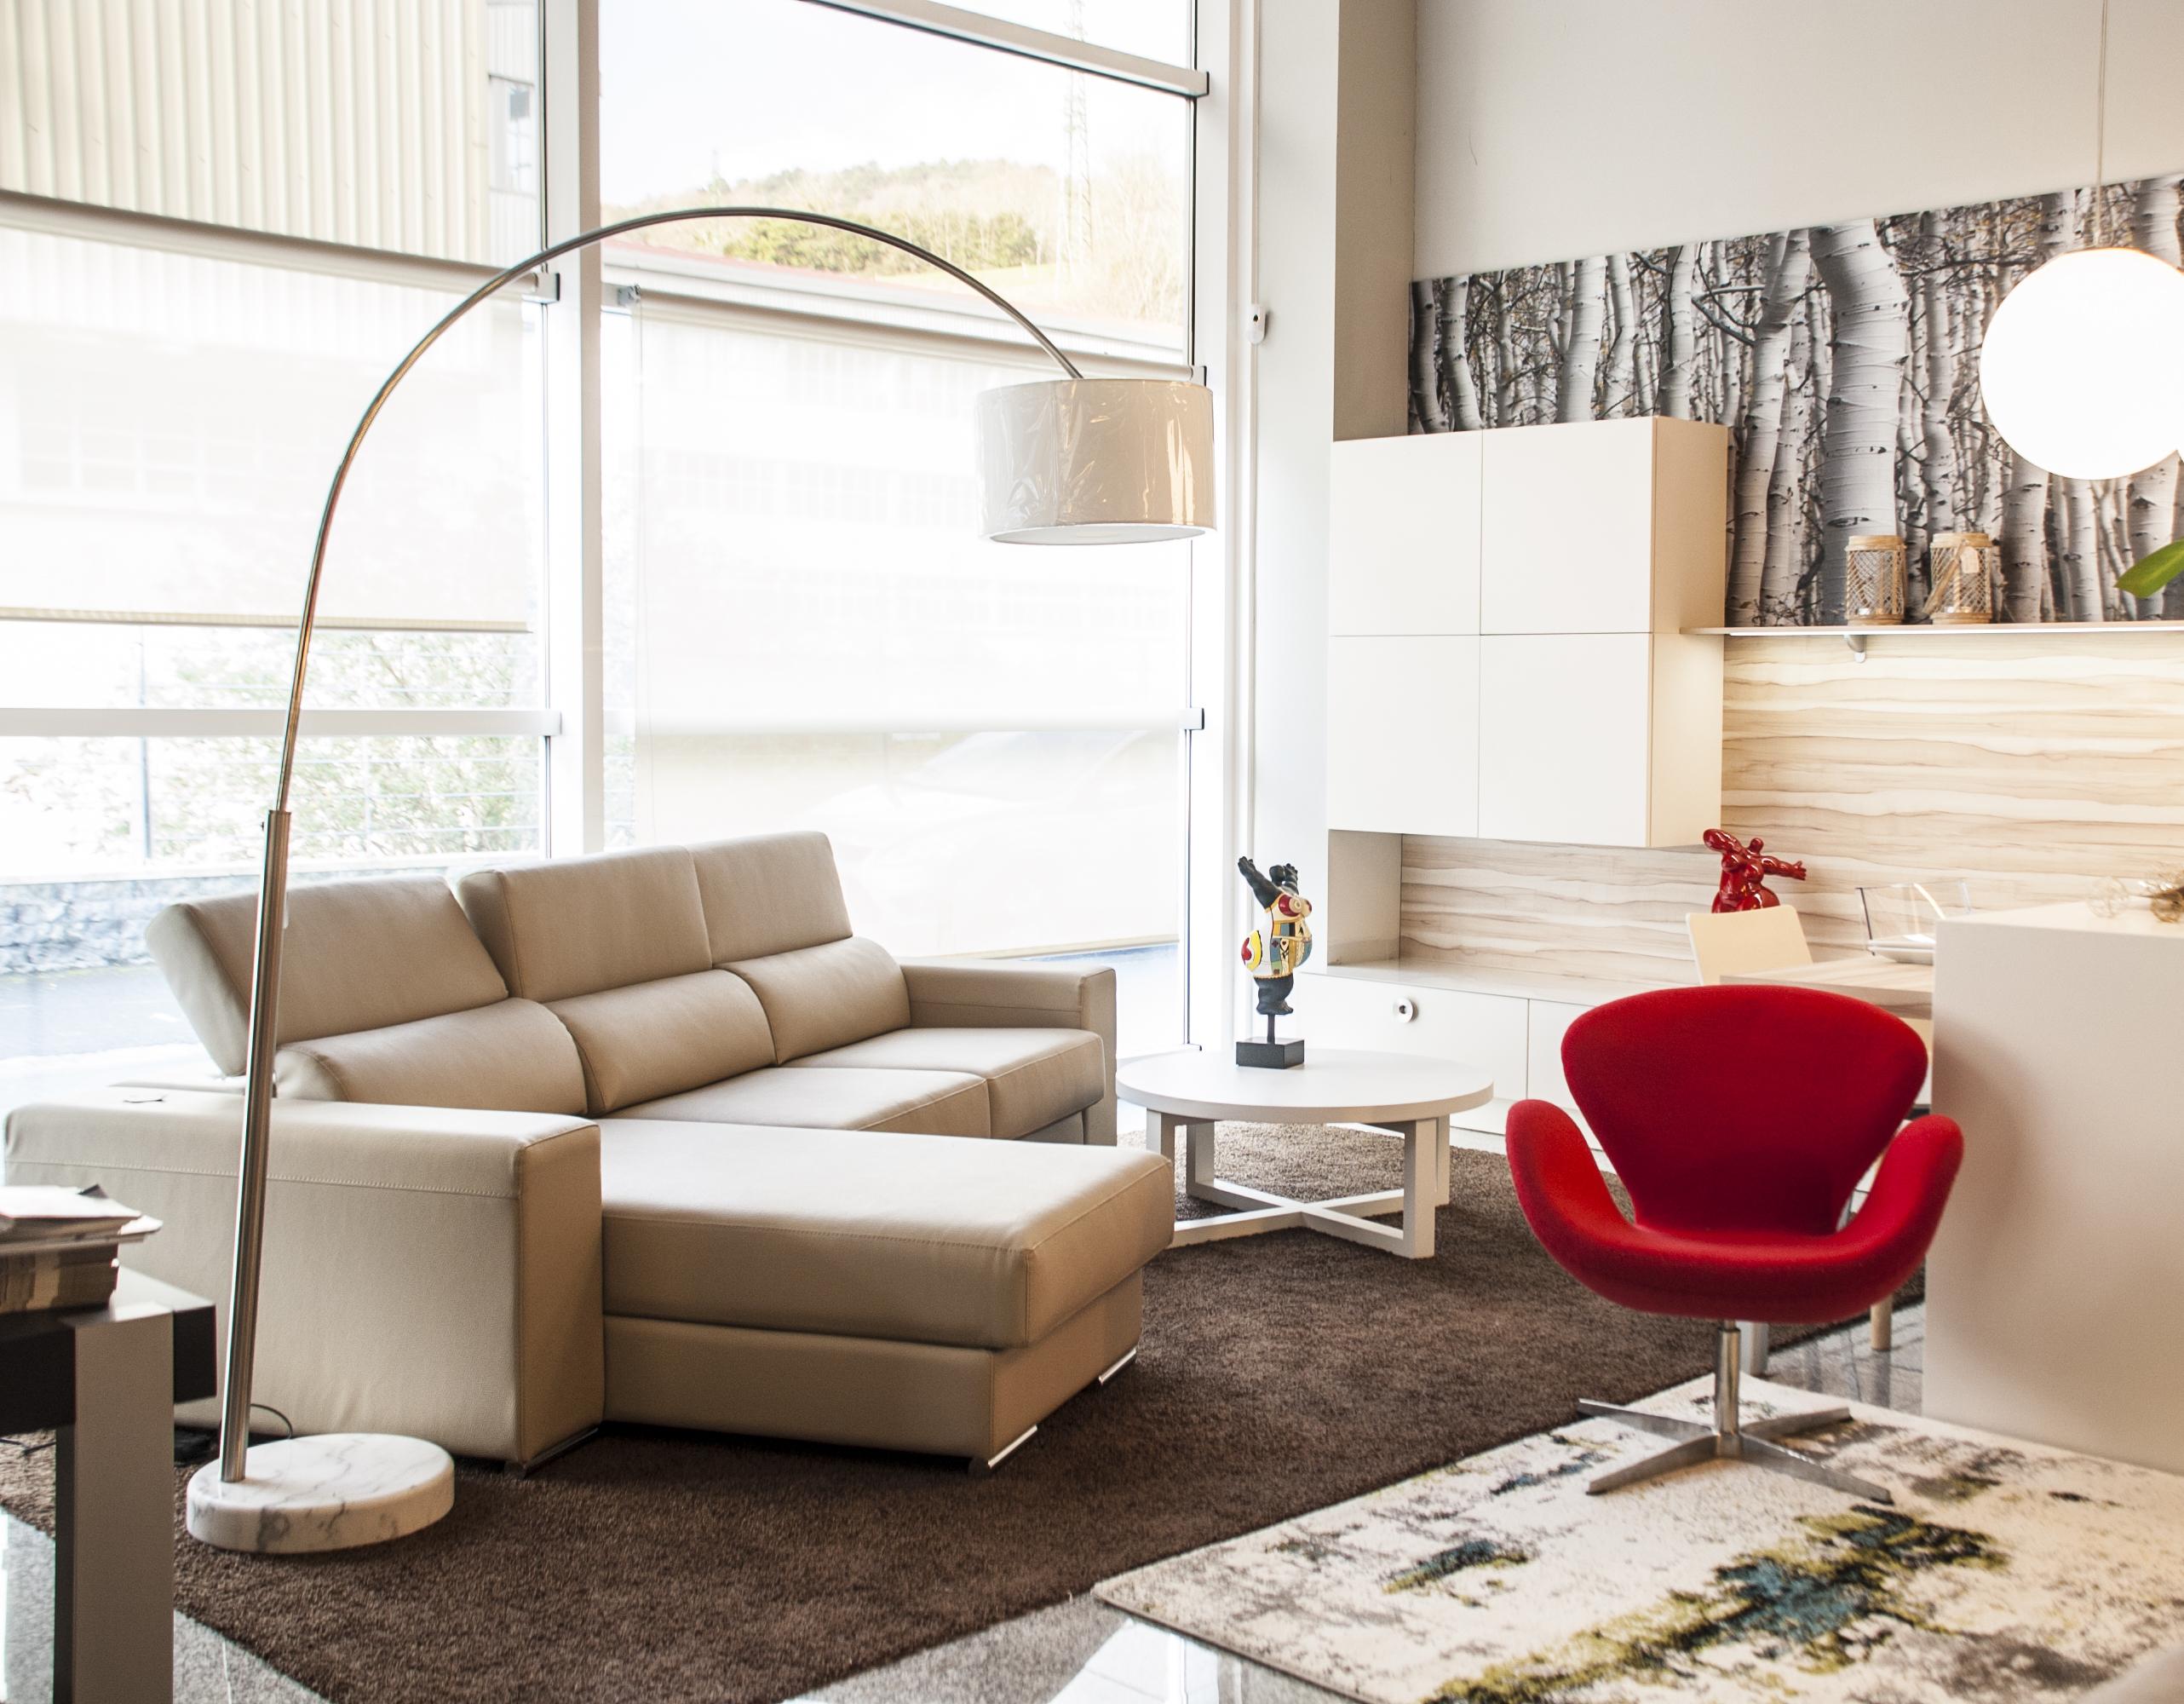 Bienvenidos a dg muebles cocinas i mobiliario de hogar y for Mobiliario de hogar